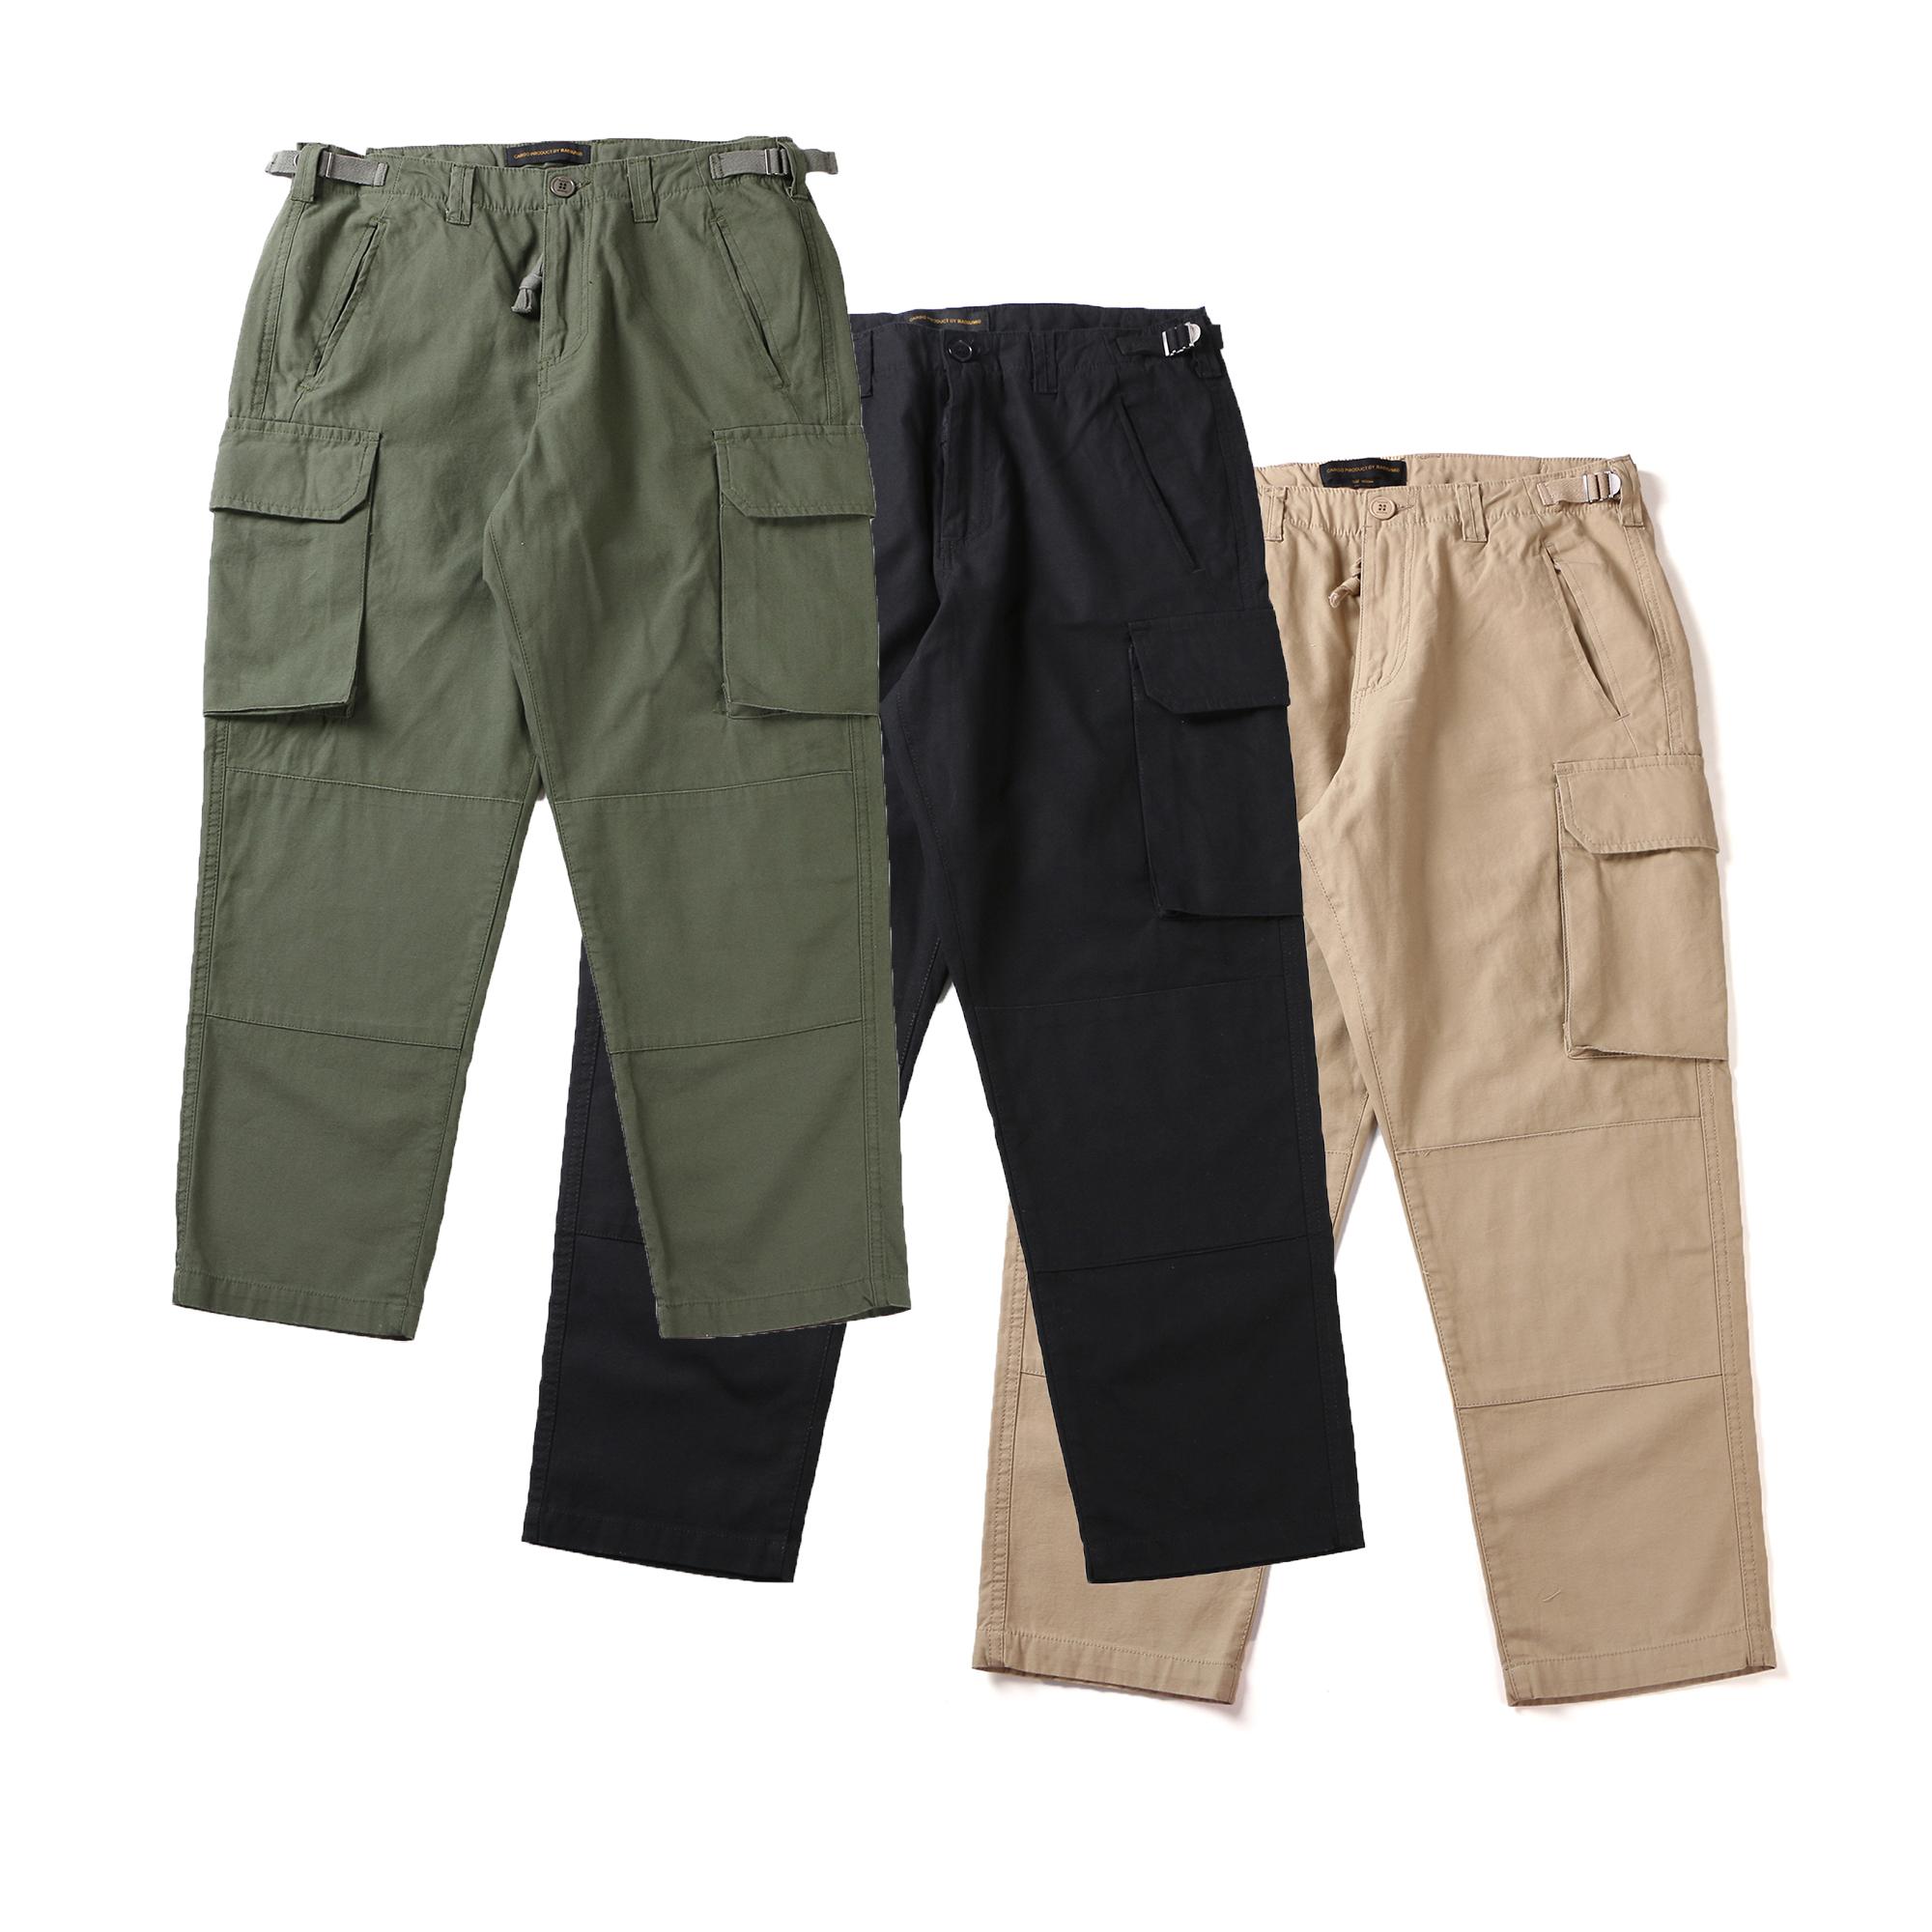 Камуфляжные брюки Артикул 597005647216